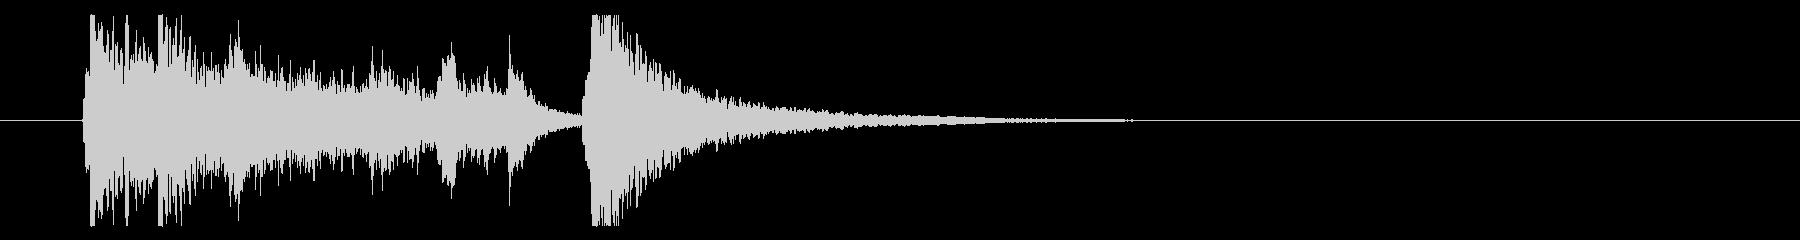 企業_CM_ジングル_サウンドロゴ_18の未再生の波形